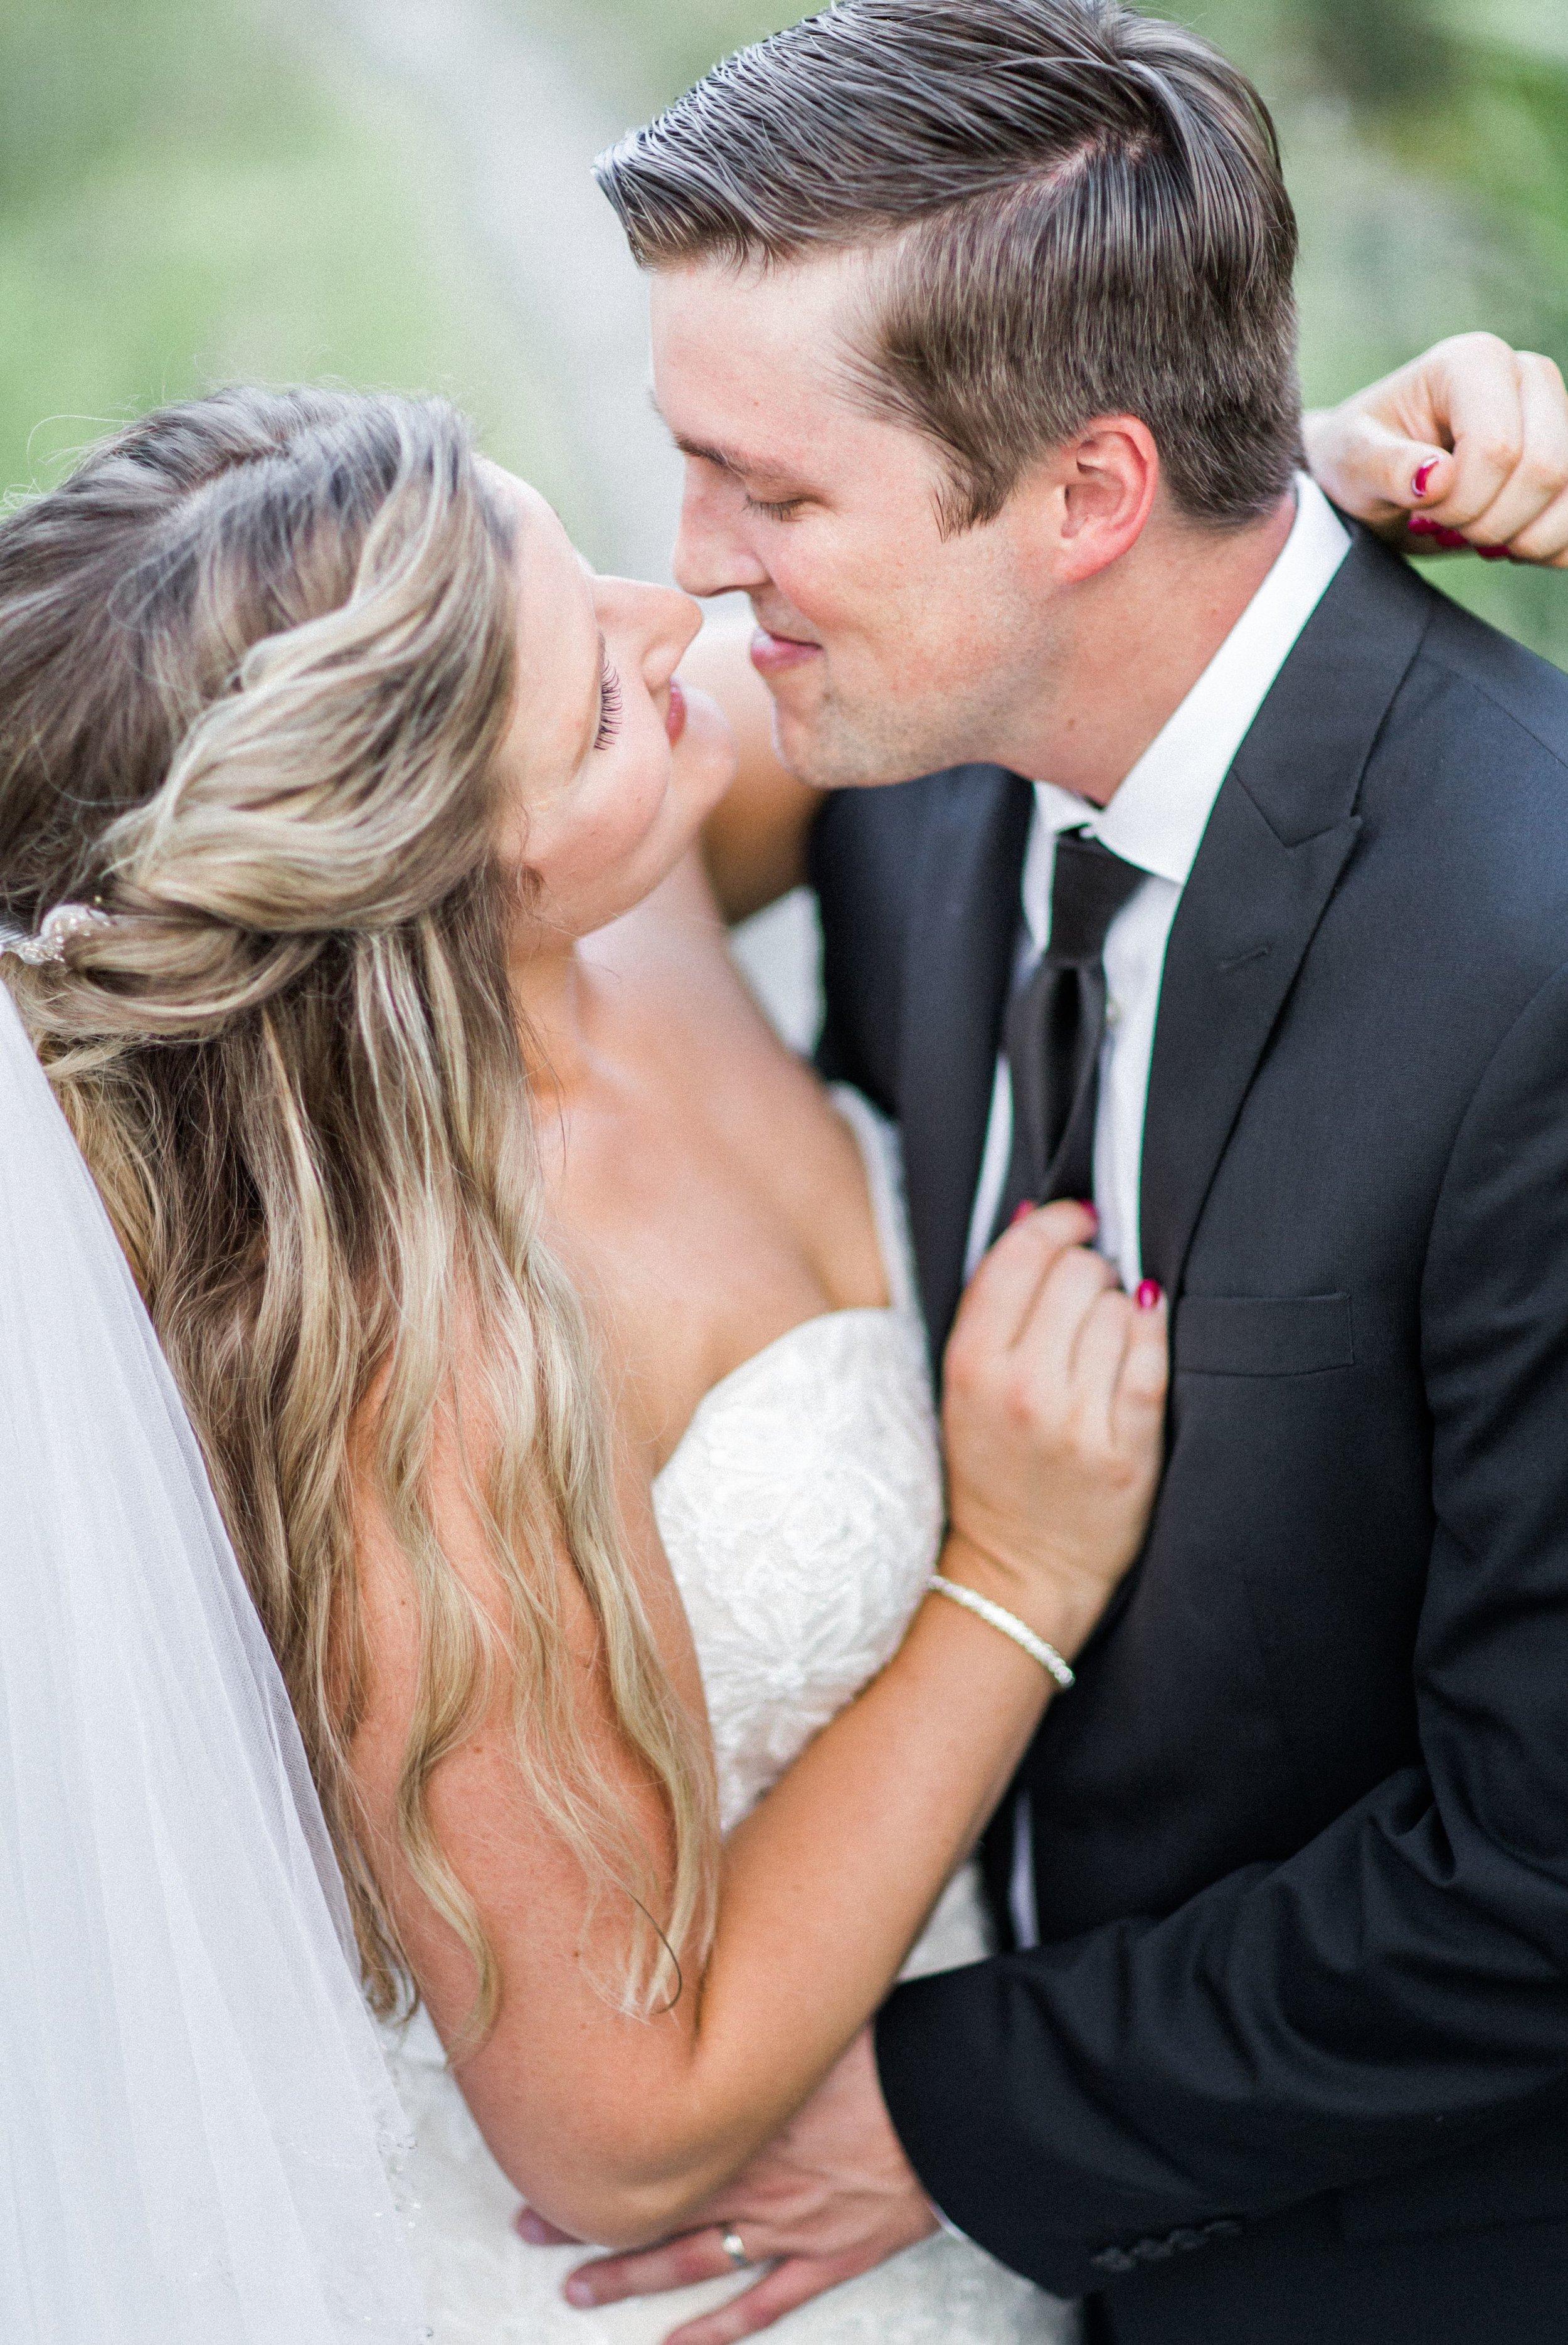 Wekiva Springs Wedding Photoshoot natural bride groom Heck Yeah Presets 62.jpg